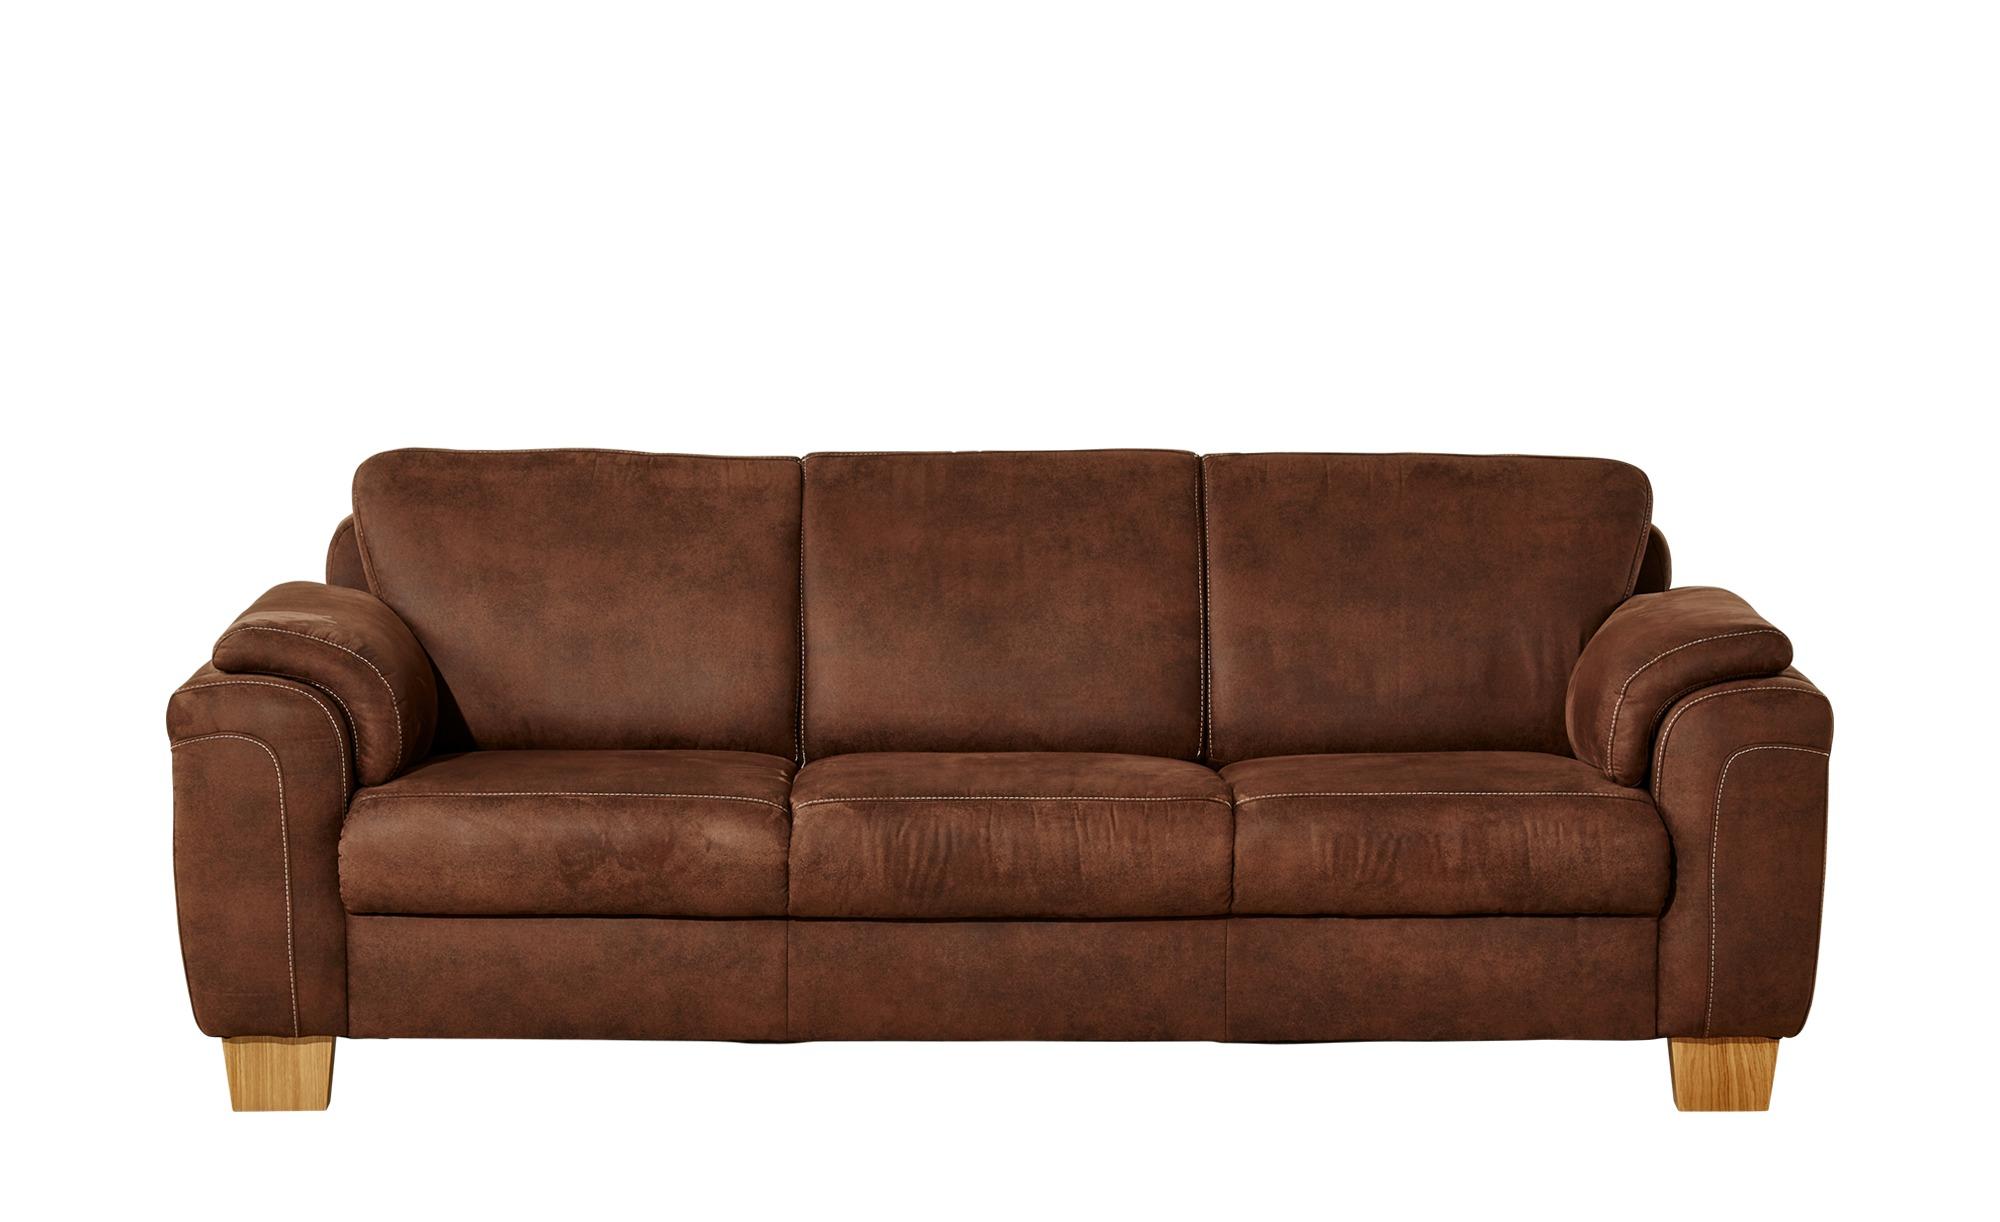 MeinSofa 3 Sitzer Sofa Linus Breite: 226 Cm Höhe: 84 Cm Braun Online Kaufen  Bei WOONIO